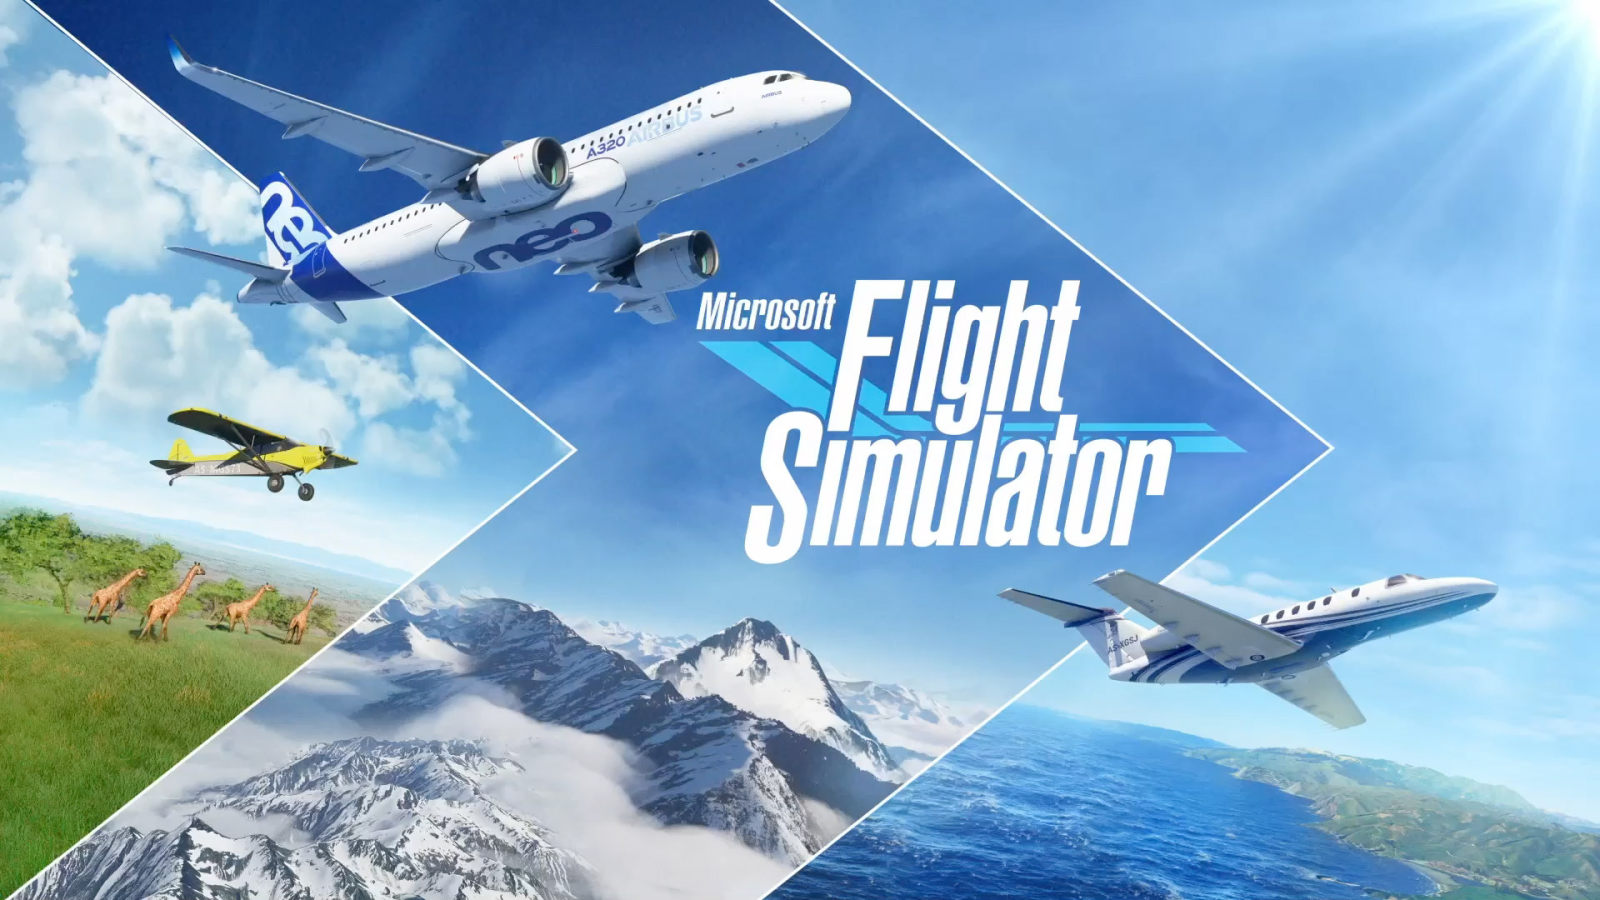 【更新】《微软模拟飞行》将于7月27日登陆次世代主机,未来将更新中文